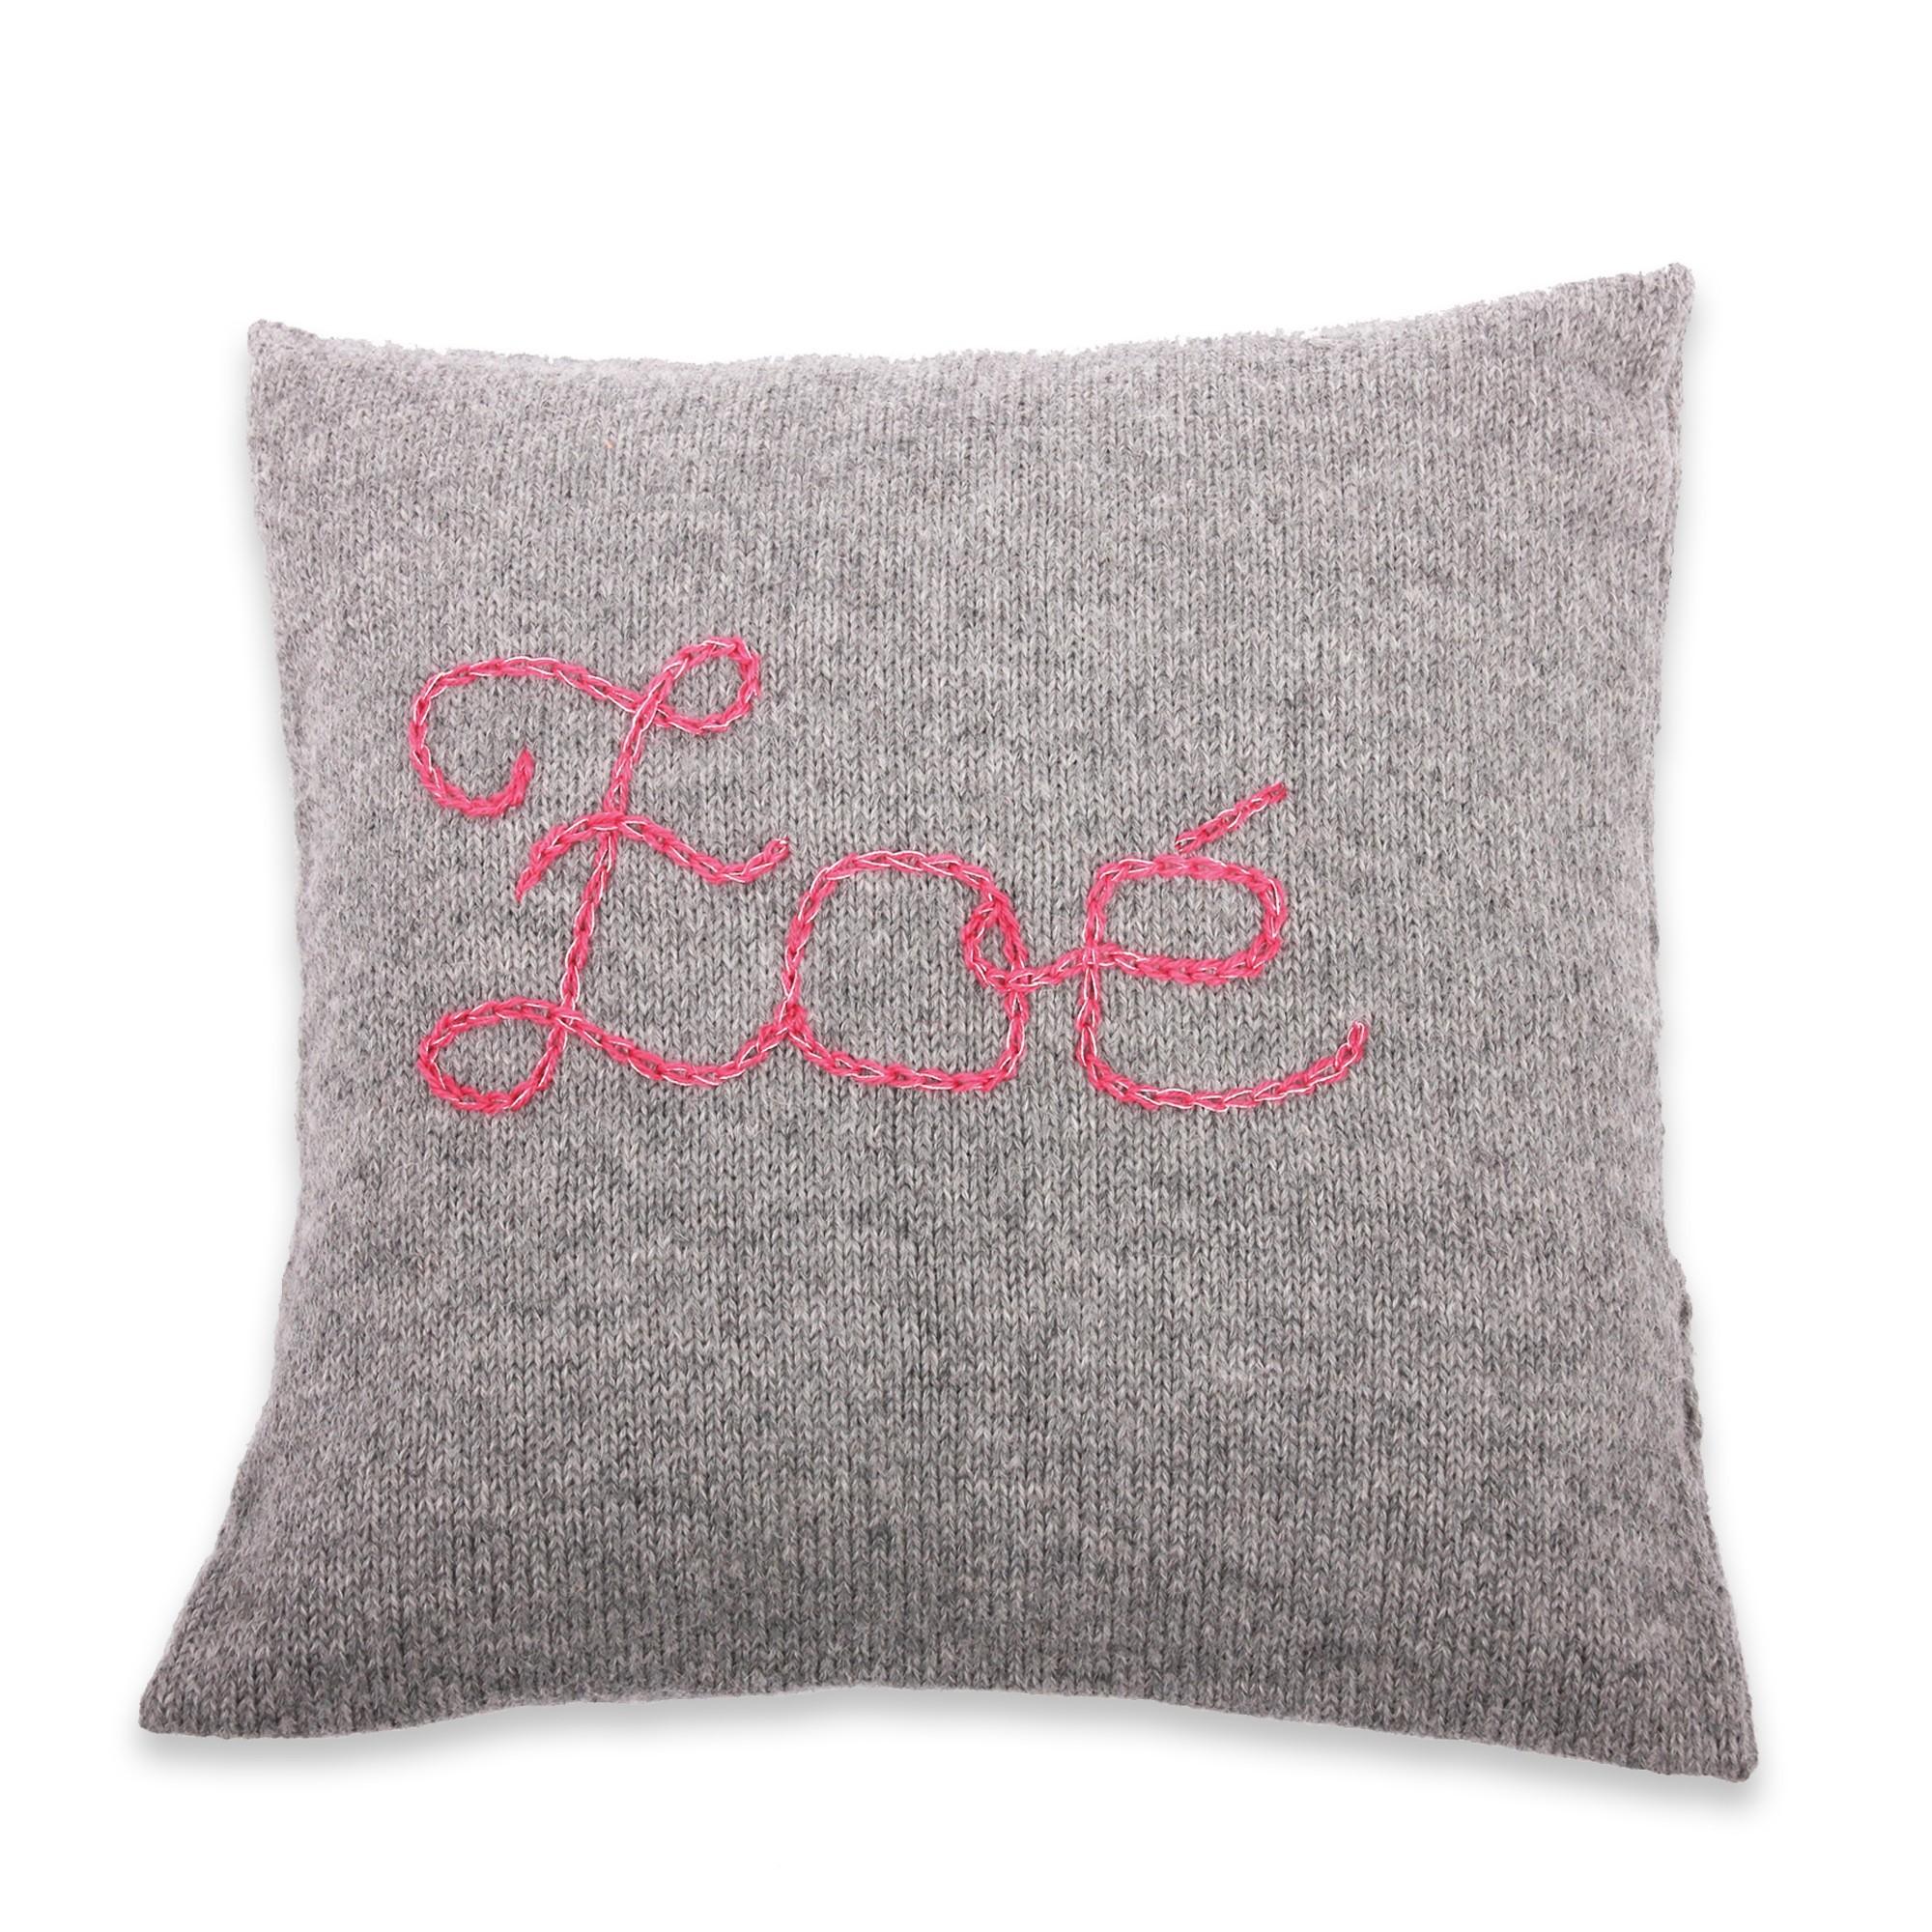 les tricots de mamy coussin tricot gris 100 laine d 39 alpaga brod pour cadeau de naissance. Black Bedroom Furniture Sets. Home Design Ideas